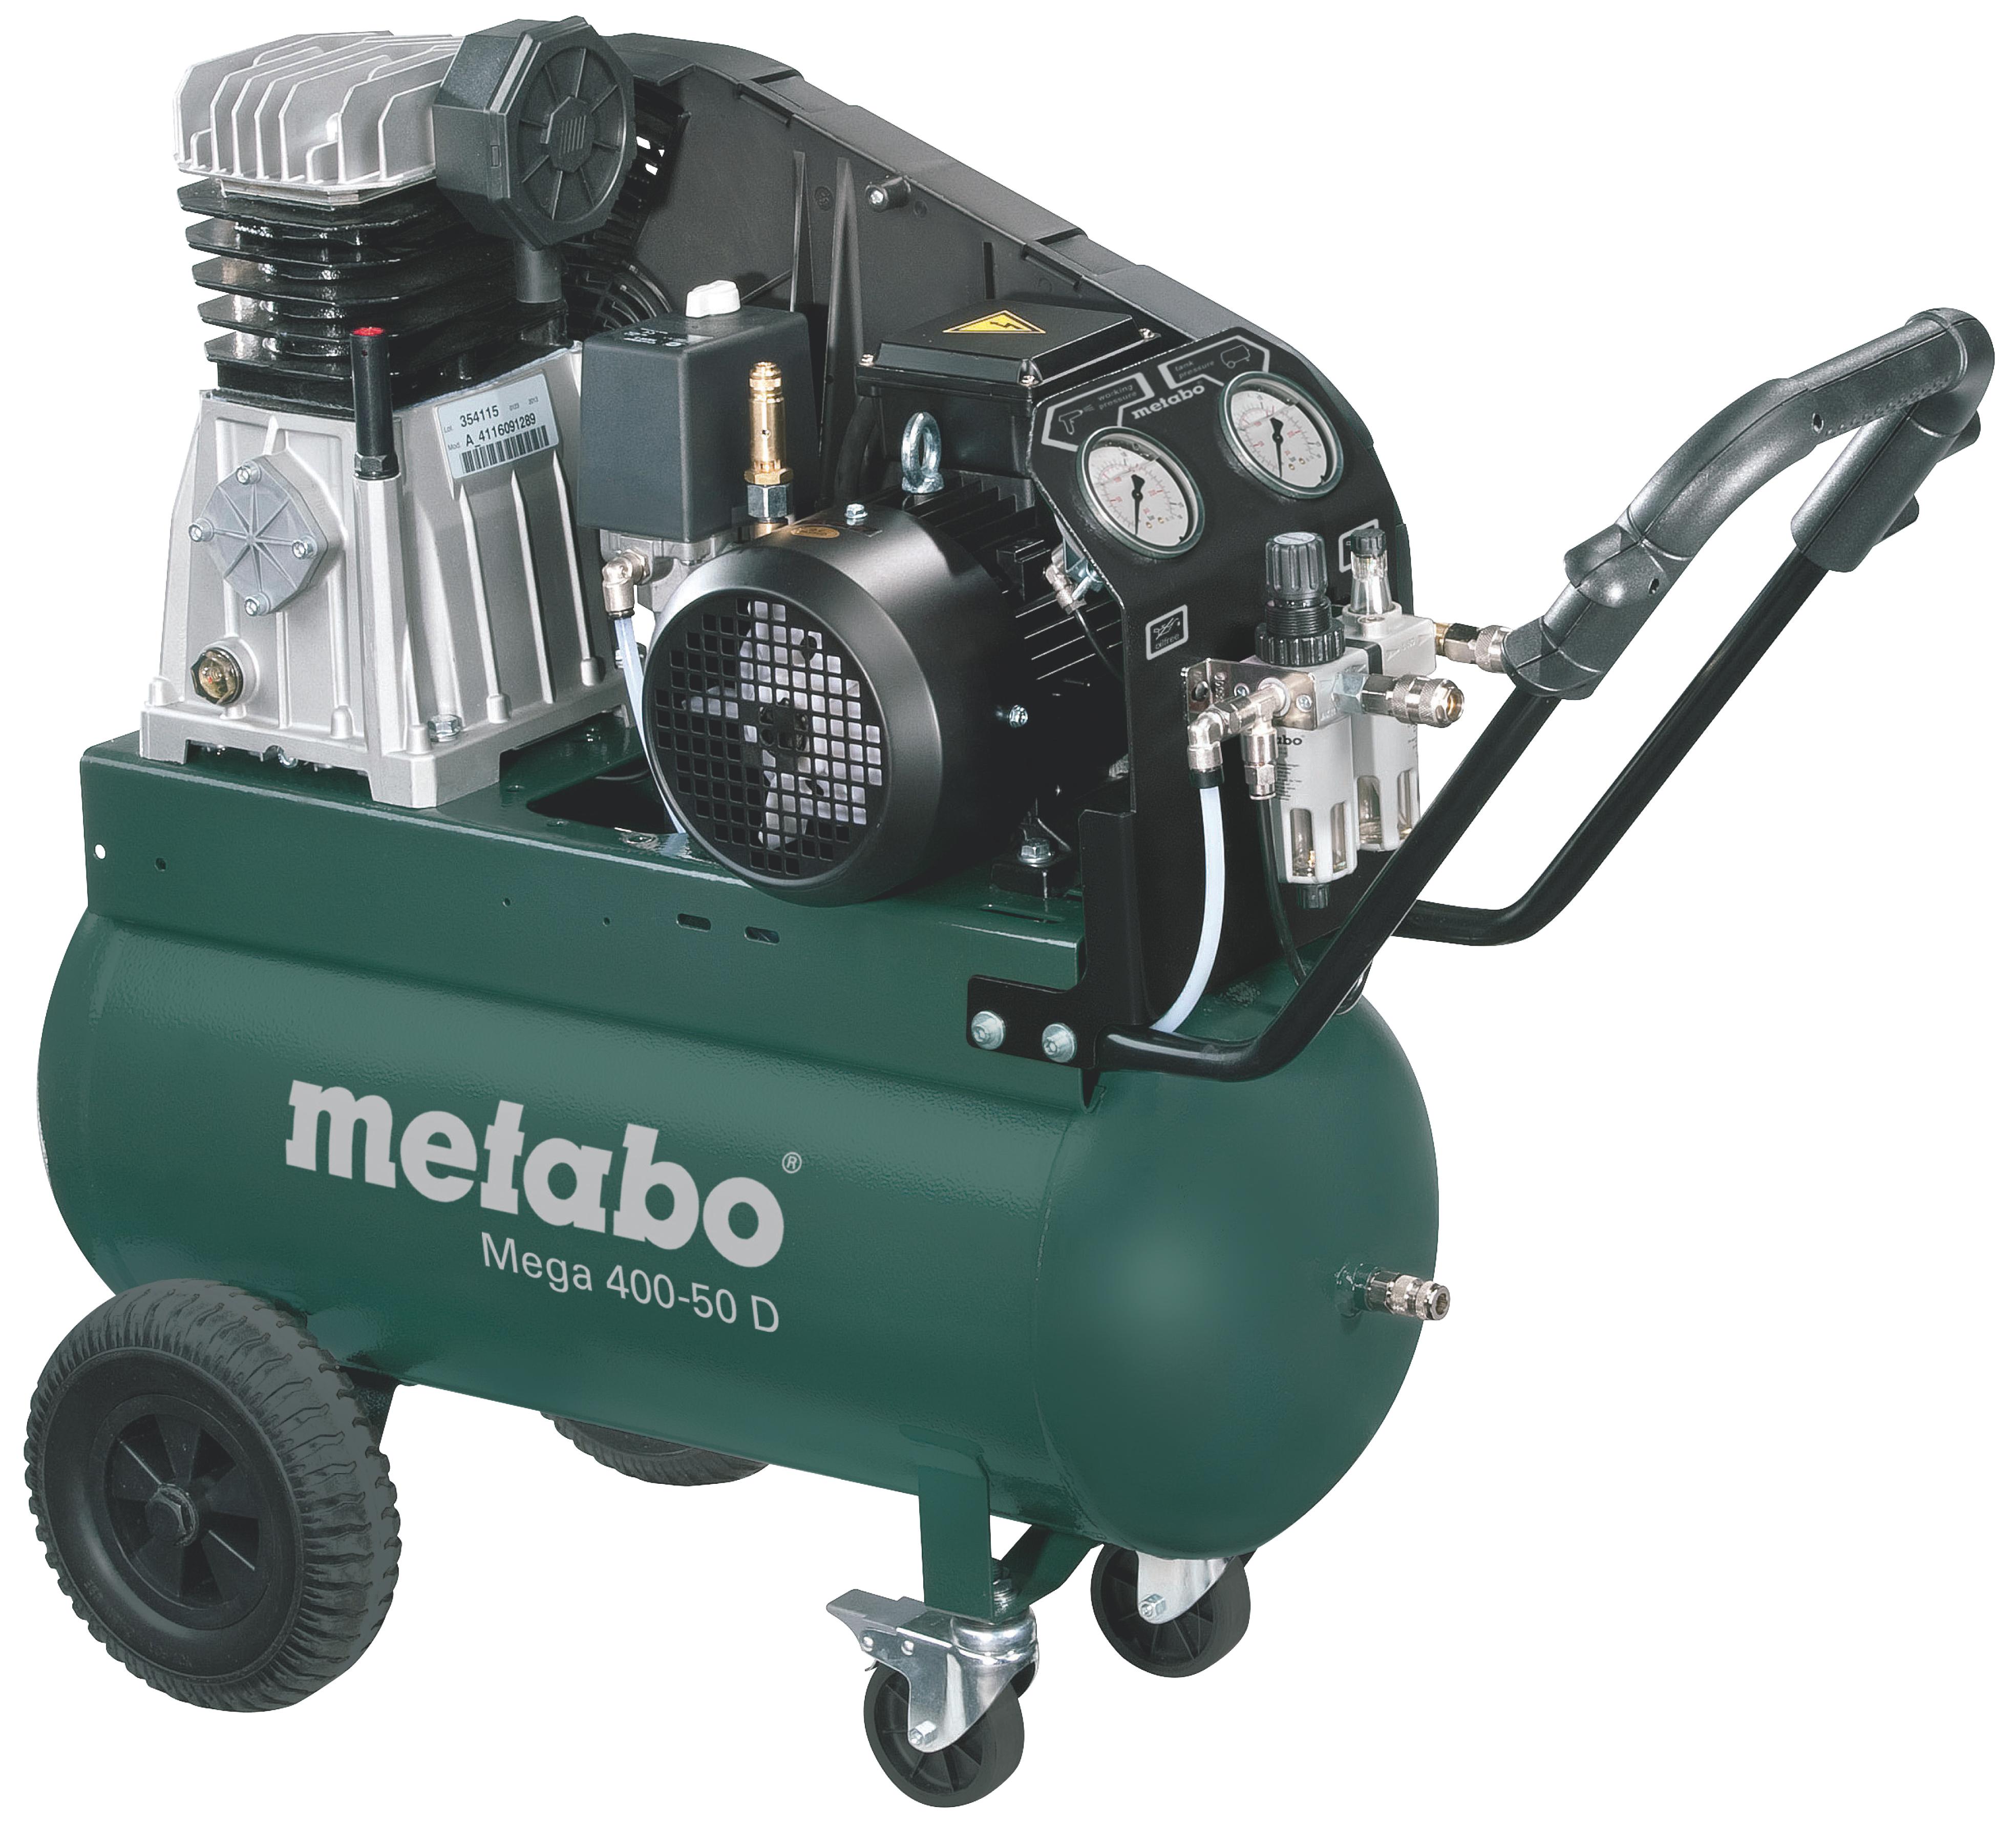 Metabo Mega 400-50 D kompresszor 50l, 2,2kW, 10bar